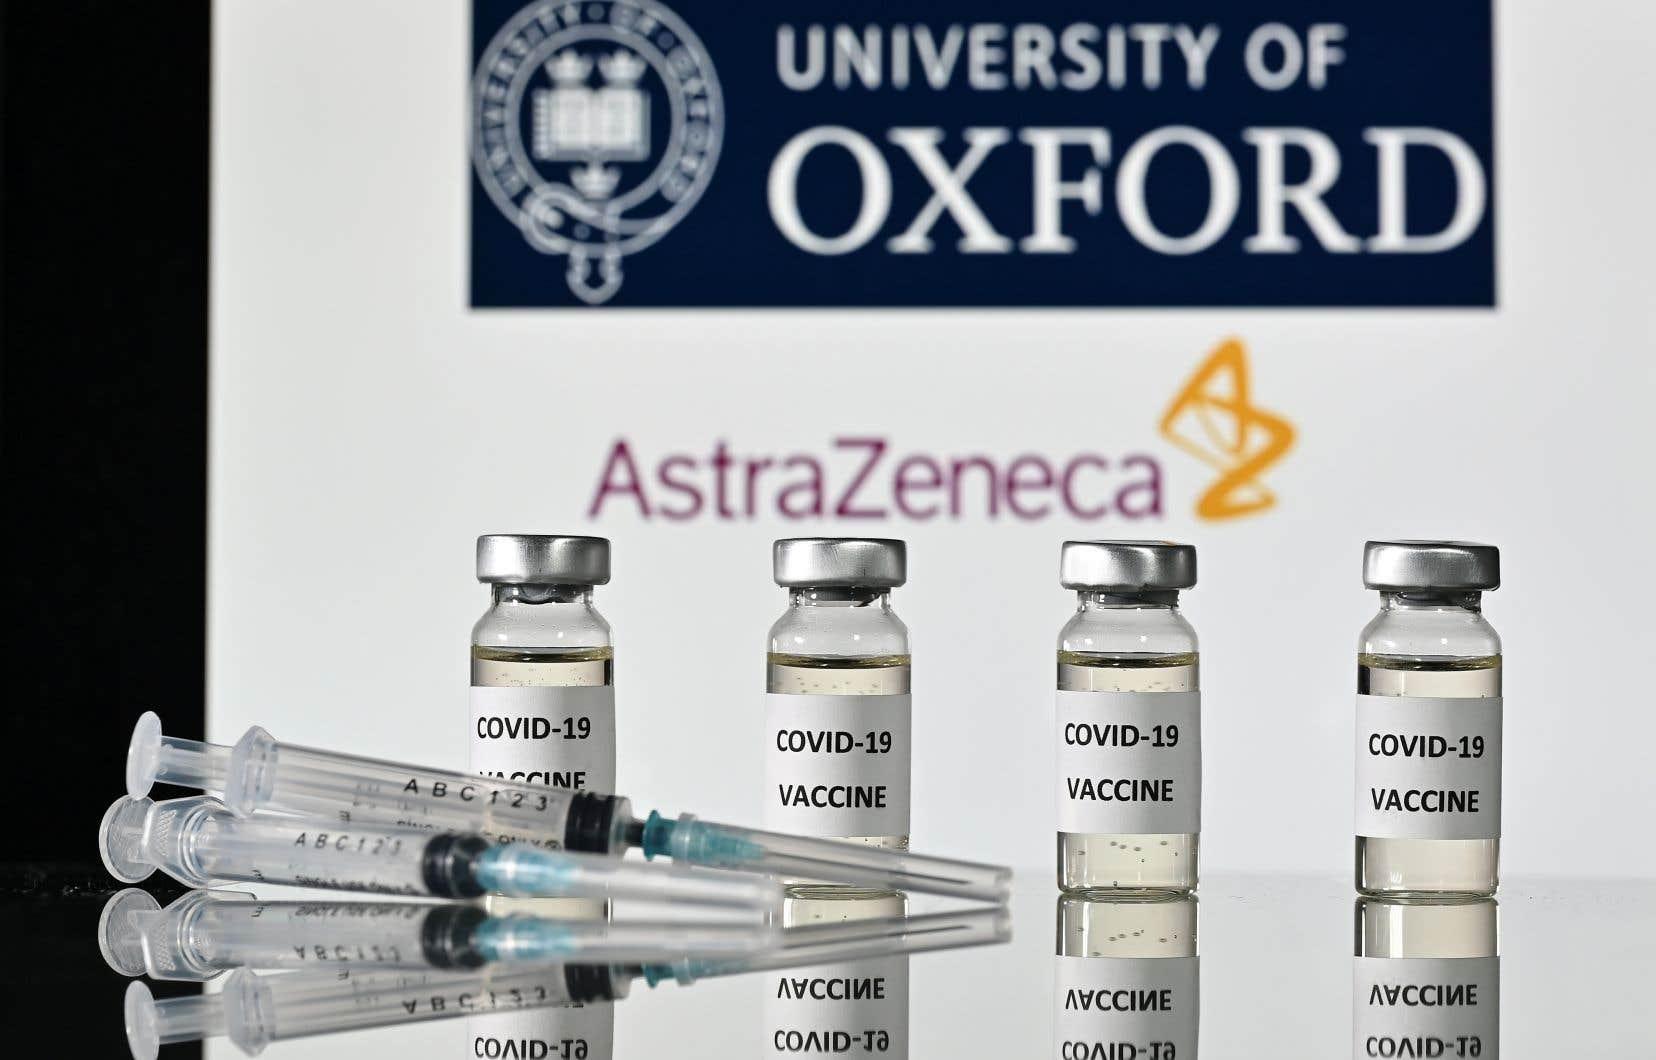 L'annonce du laboratoire britannique AstraZeneca ravive les espoirs de retour à la normale.